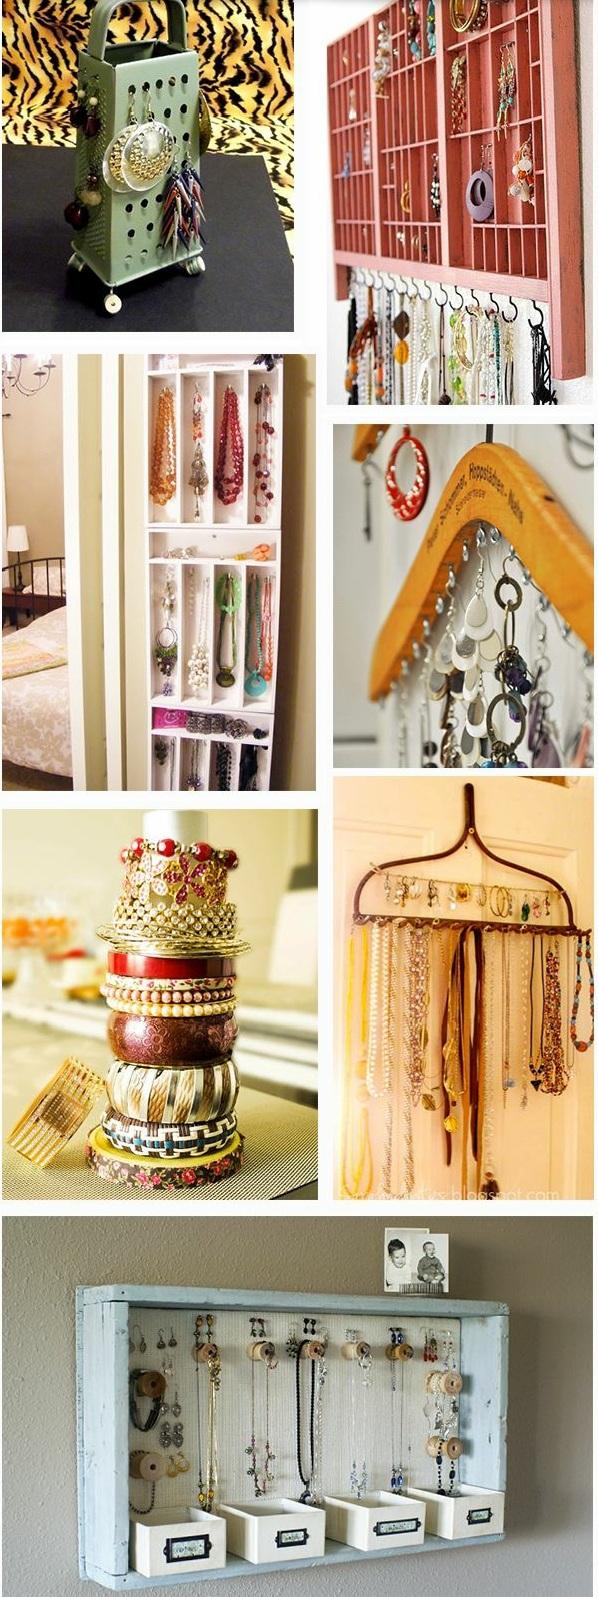 schmuckst nder selber machen diy ideen f r schmuckaufbewahrung. Black Bedroom Furniture Sets. Home Design Ideas